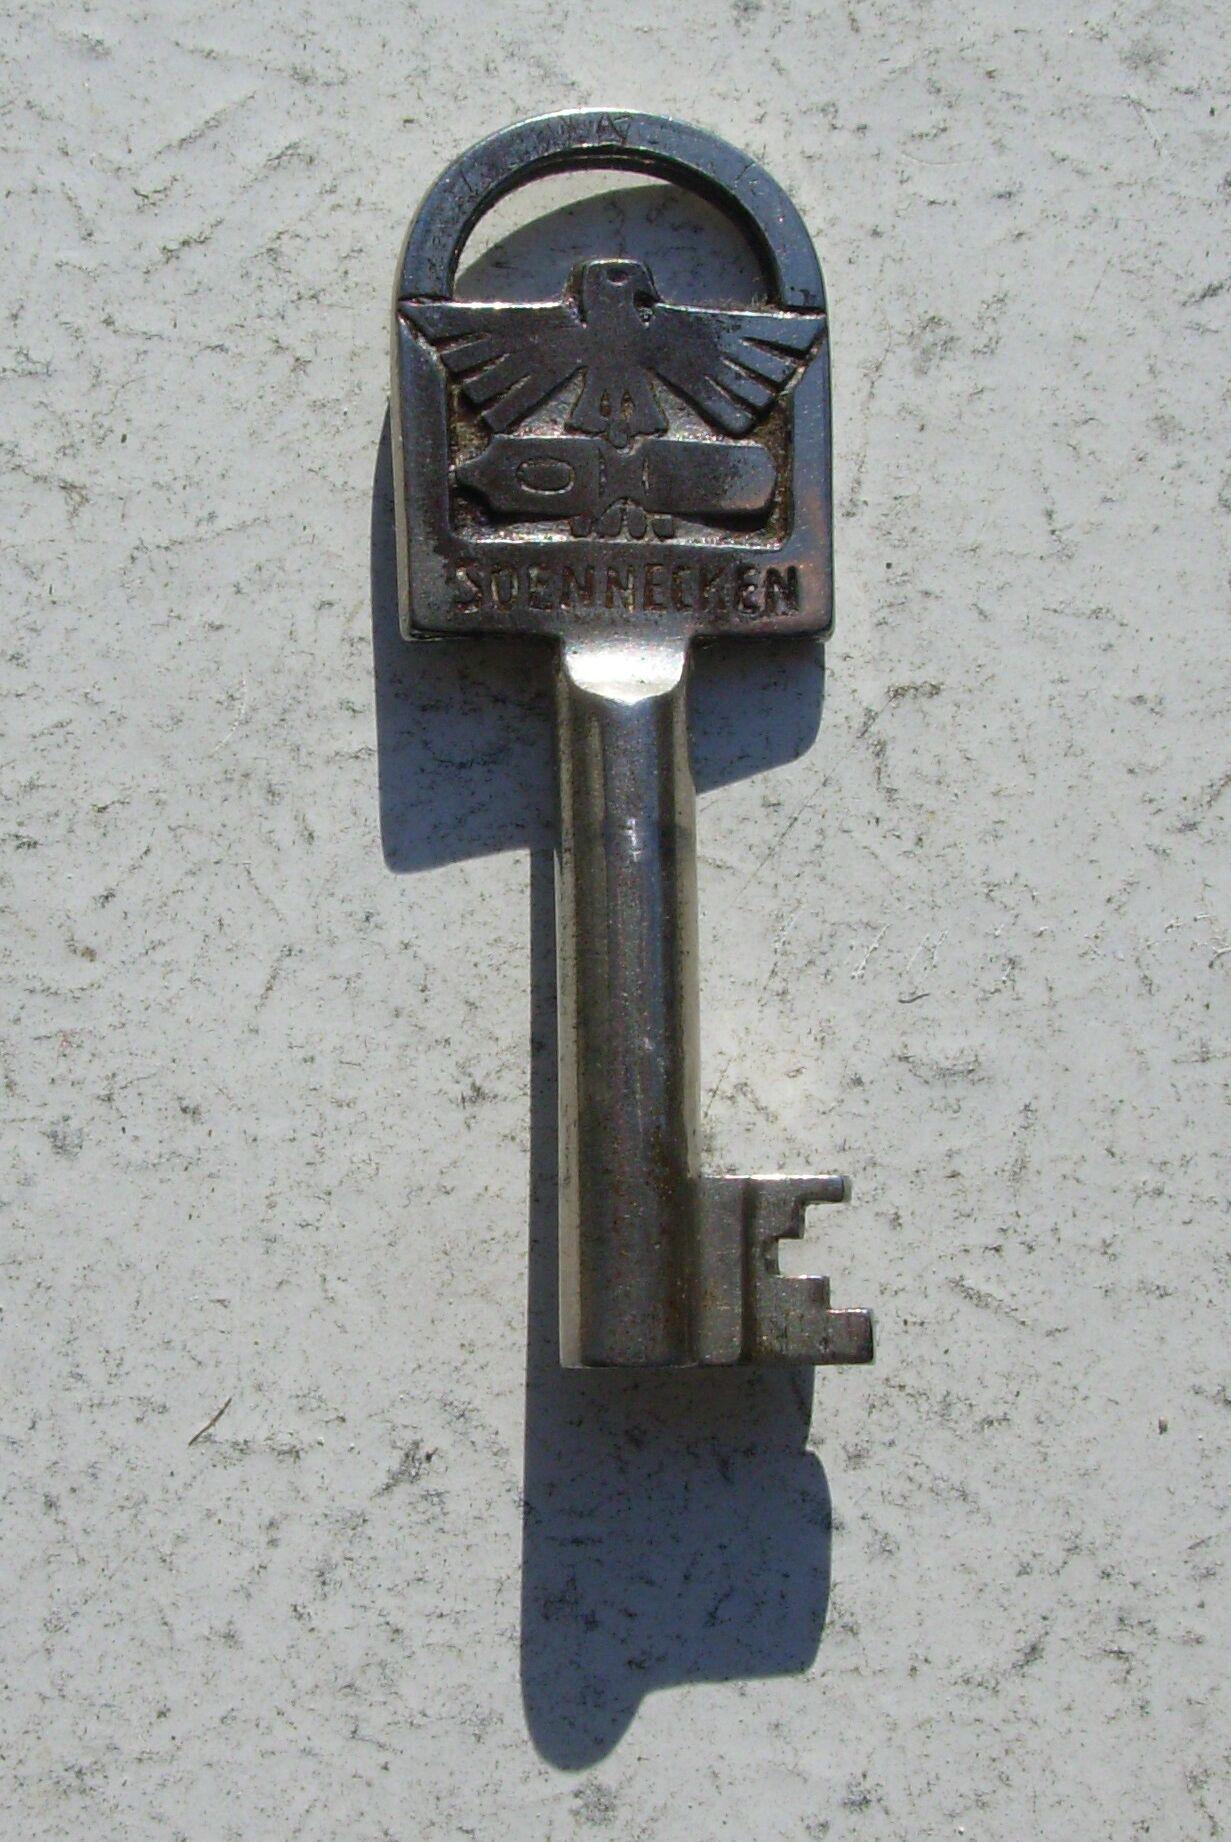 Schlüssel eines soennecken schreibtischs von 1935